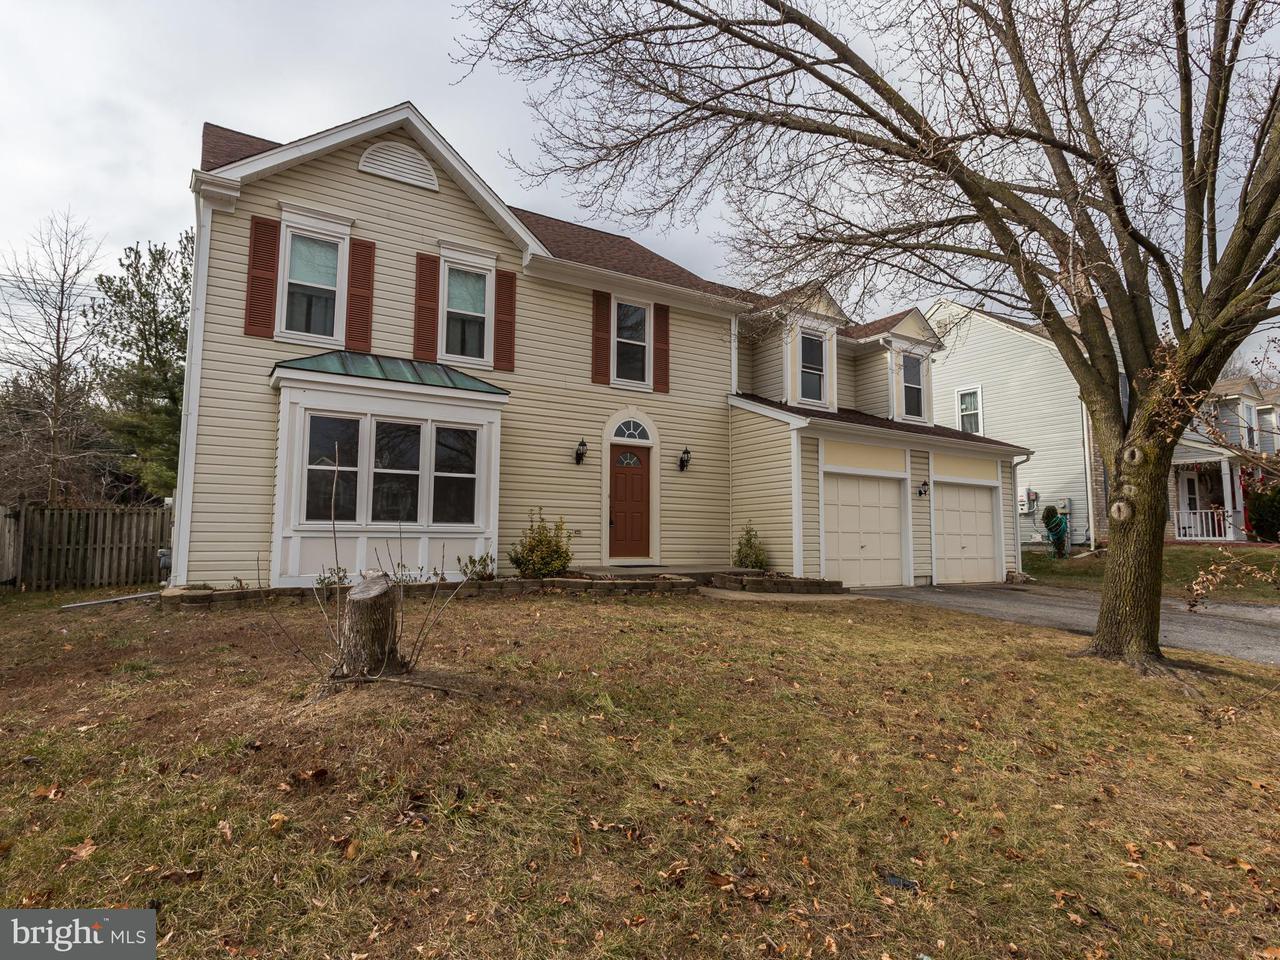 단독 가정 주택 용 매매 에 10908 CHERRYVALE Court 10908 CHERRYVALE Court Beltsville, 메릴랜드 20705 미국